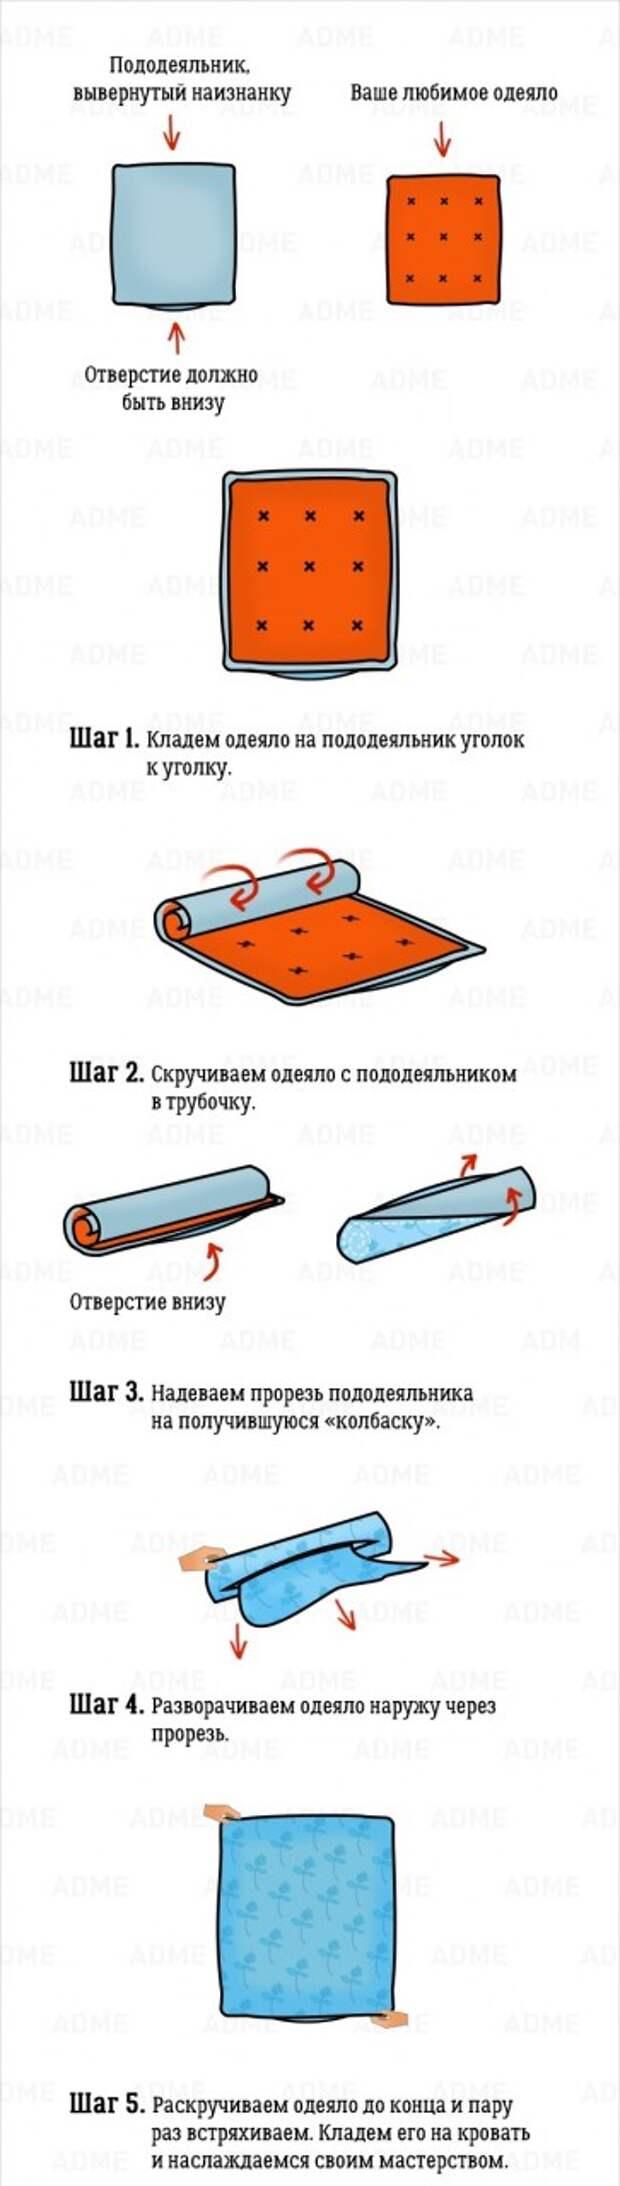 Лайфхак как надеть одеяло на пододеяльник!